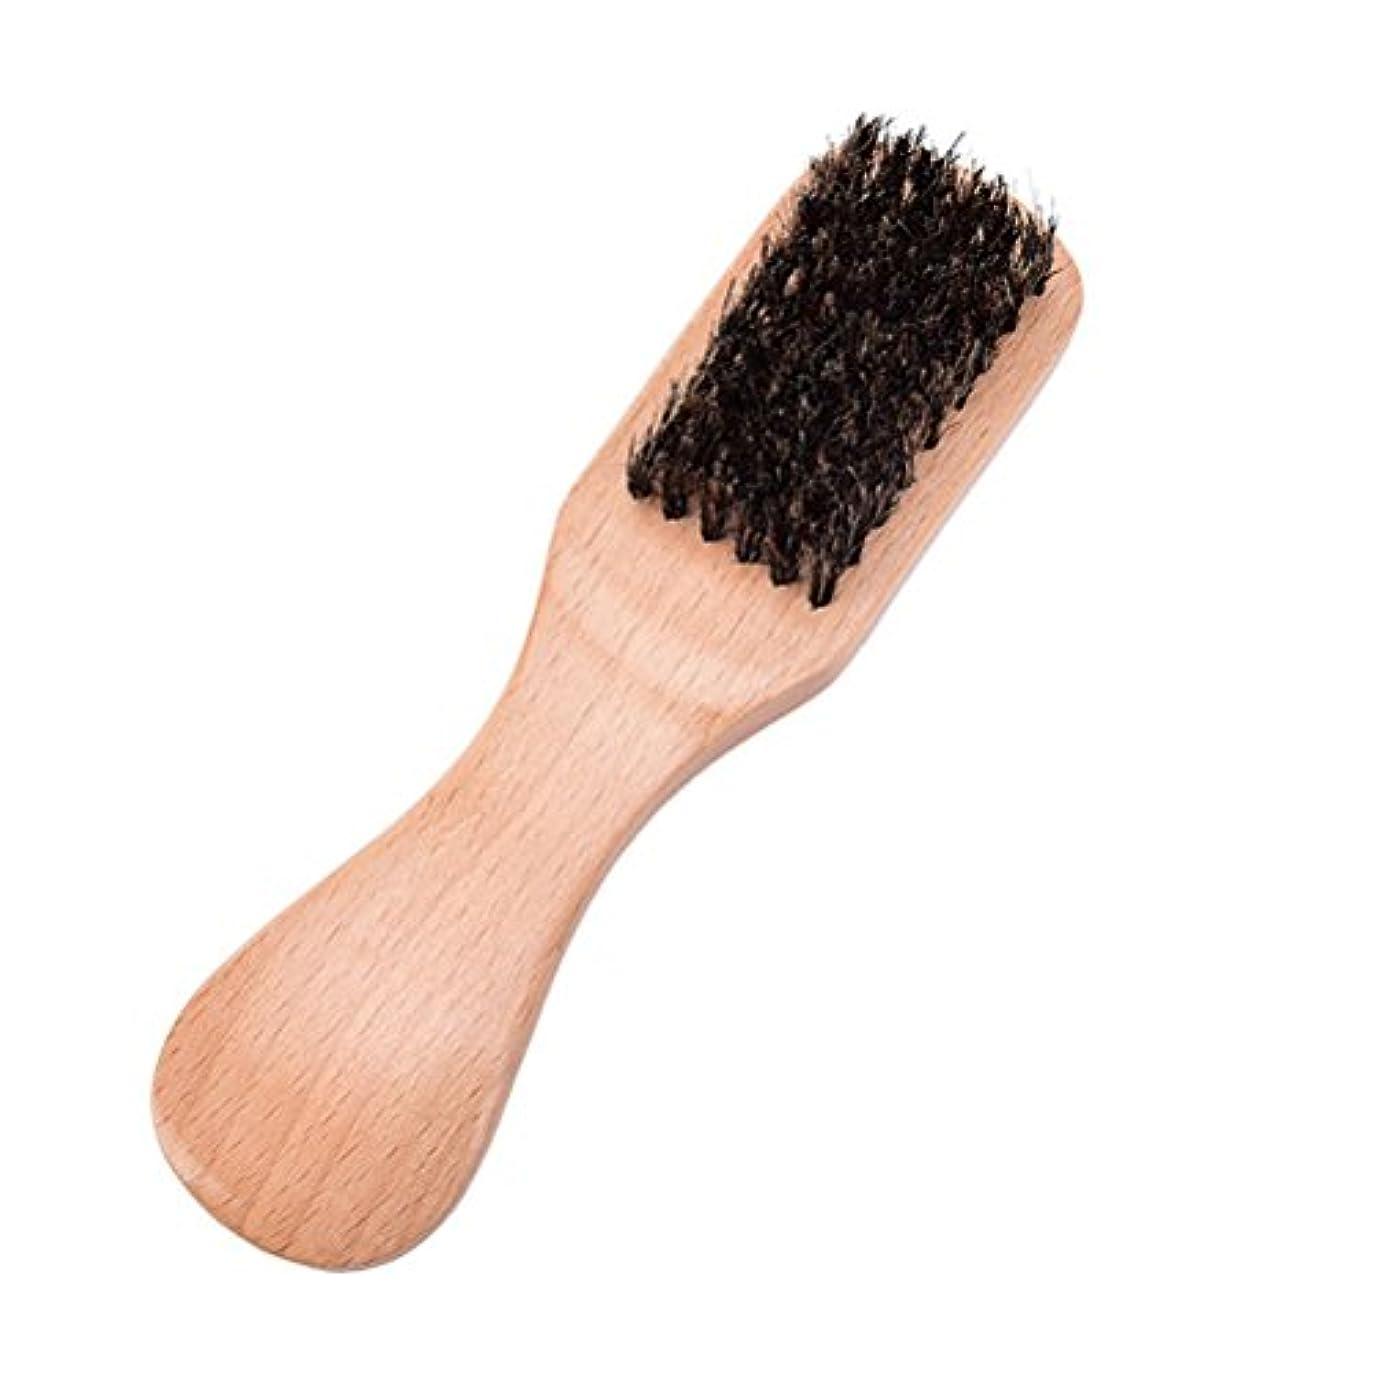 単調な測定可能ベーカリーVORCOOL ひげそりのブラシの猪毛皮の口ひげのブラシ柔らかい自然な毛の毛のブラシの木製のハンドル